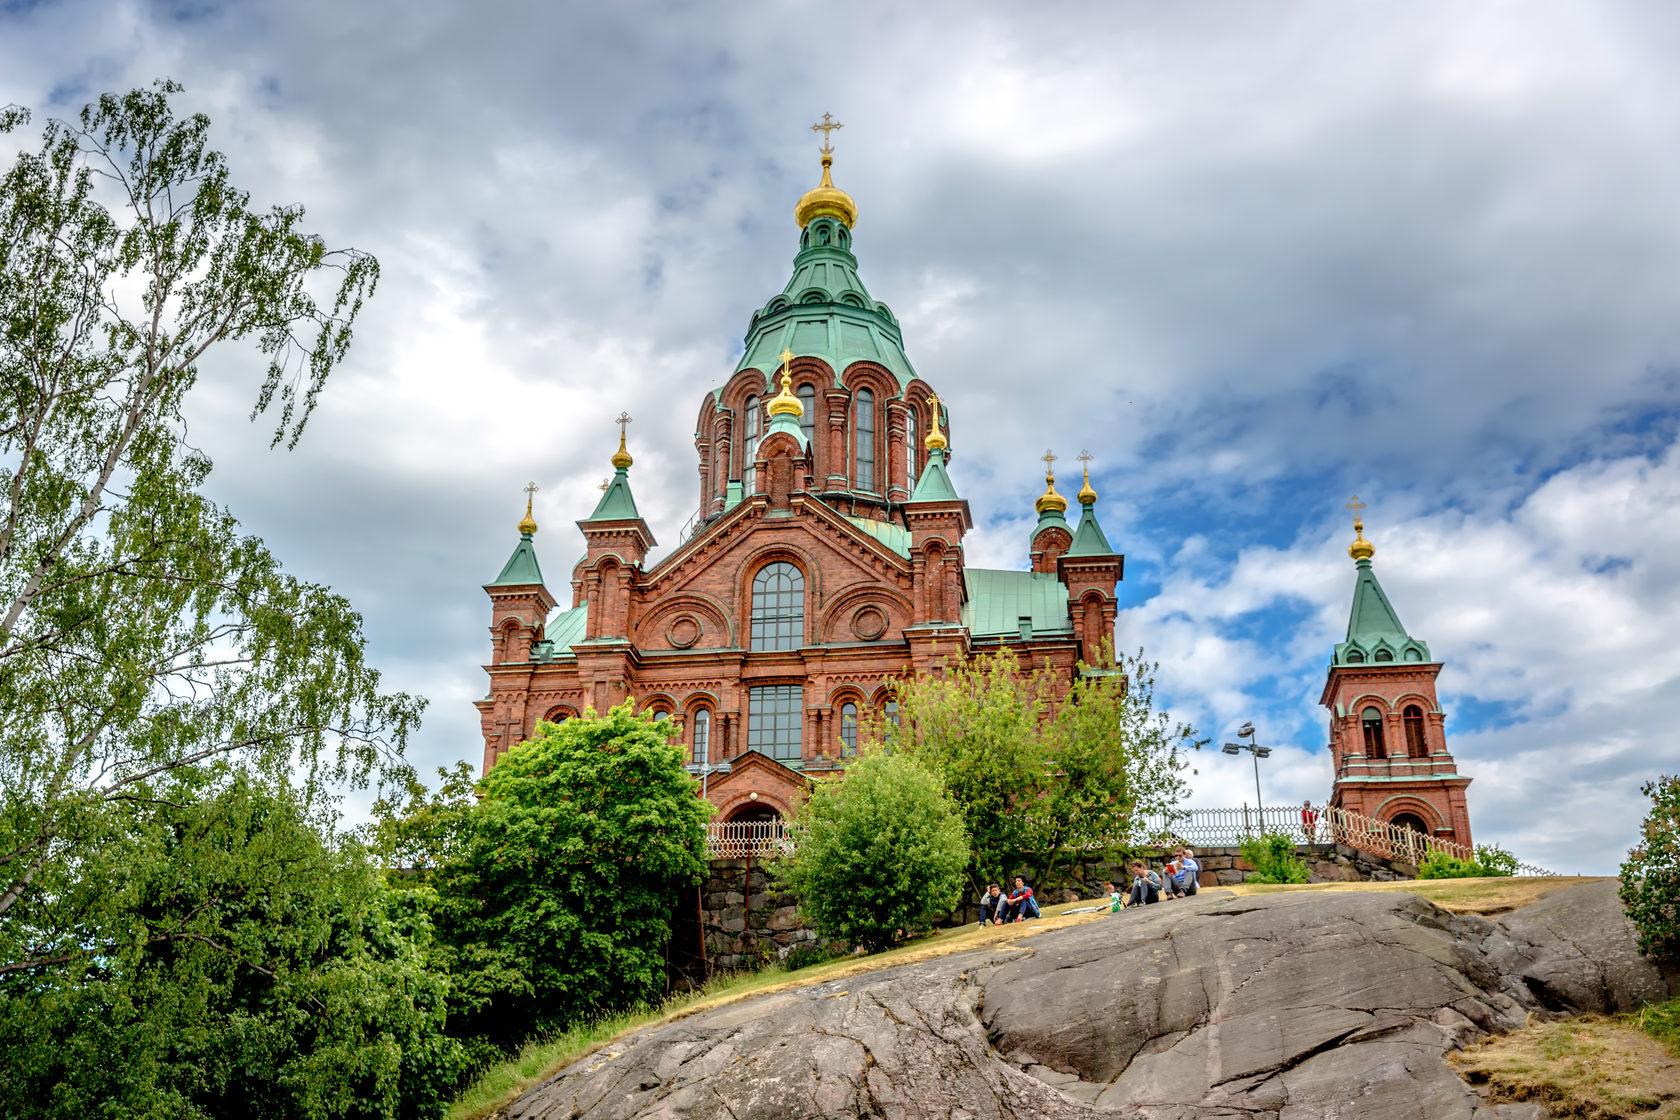 Успенский собор в Хельсинки | церкви и соборы в Хельсинки